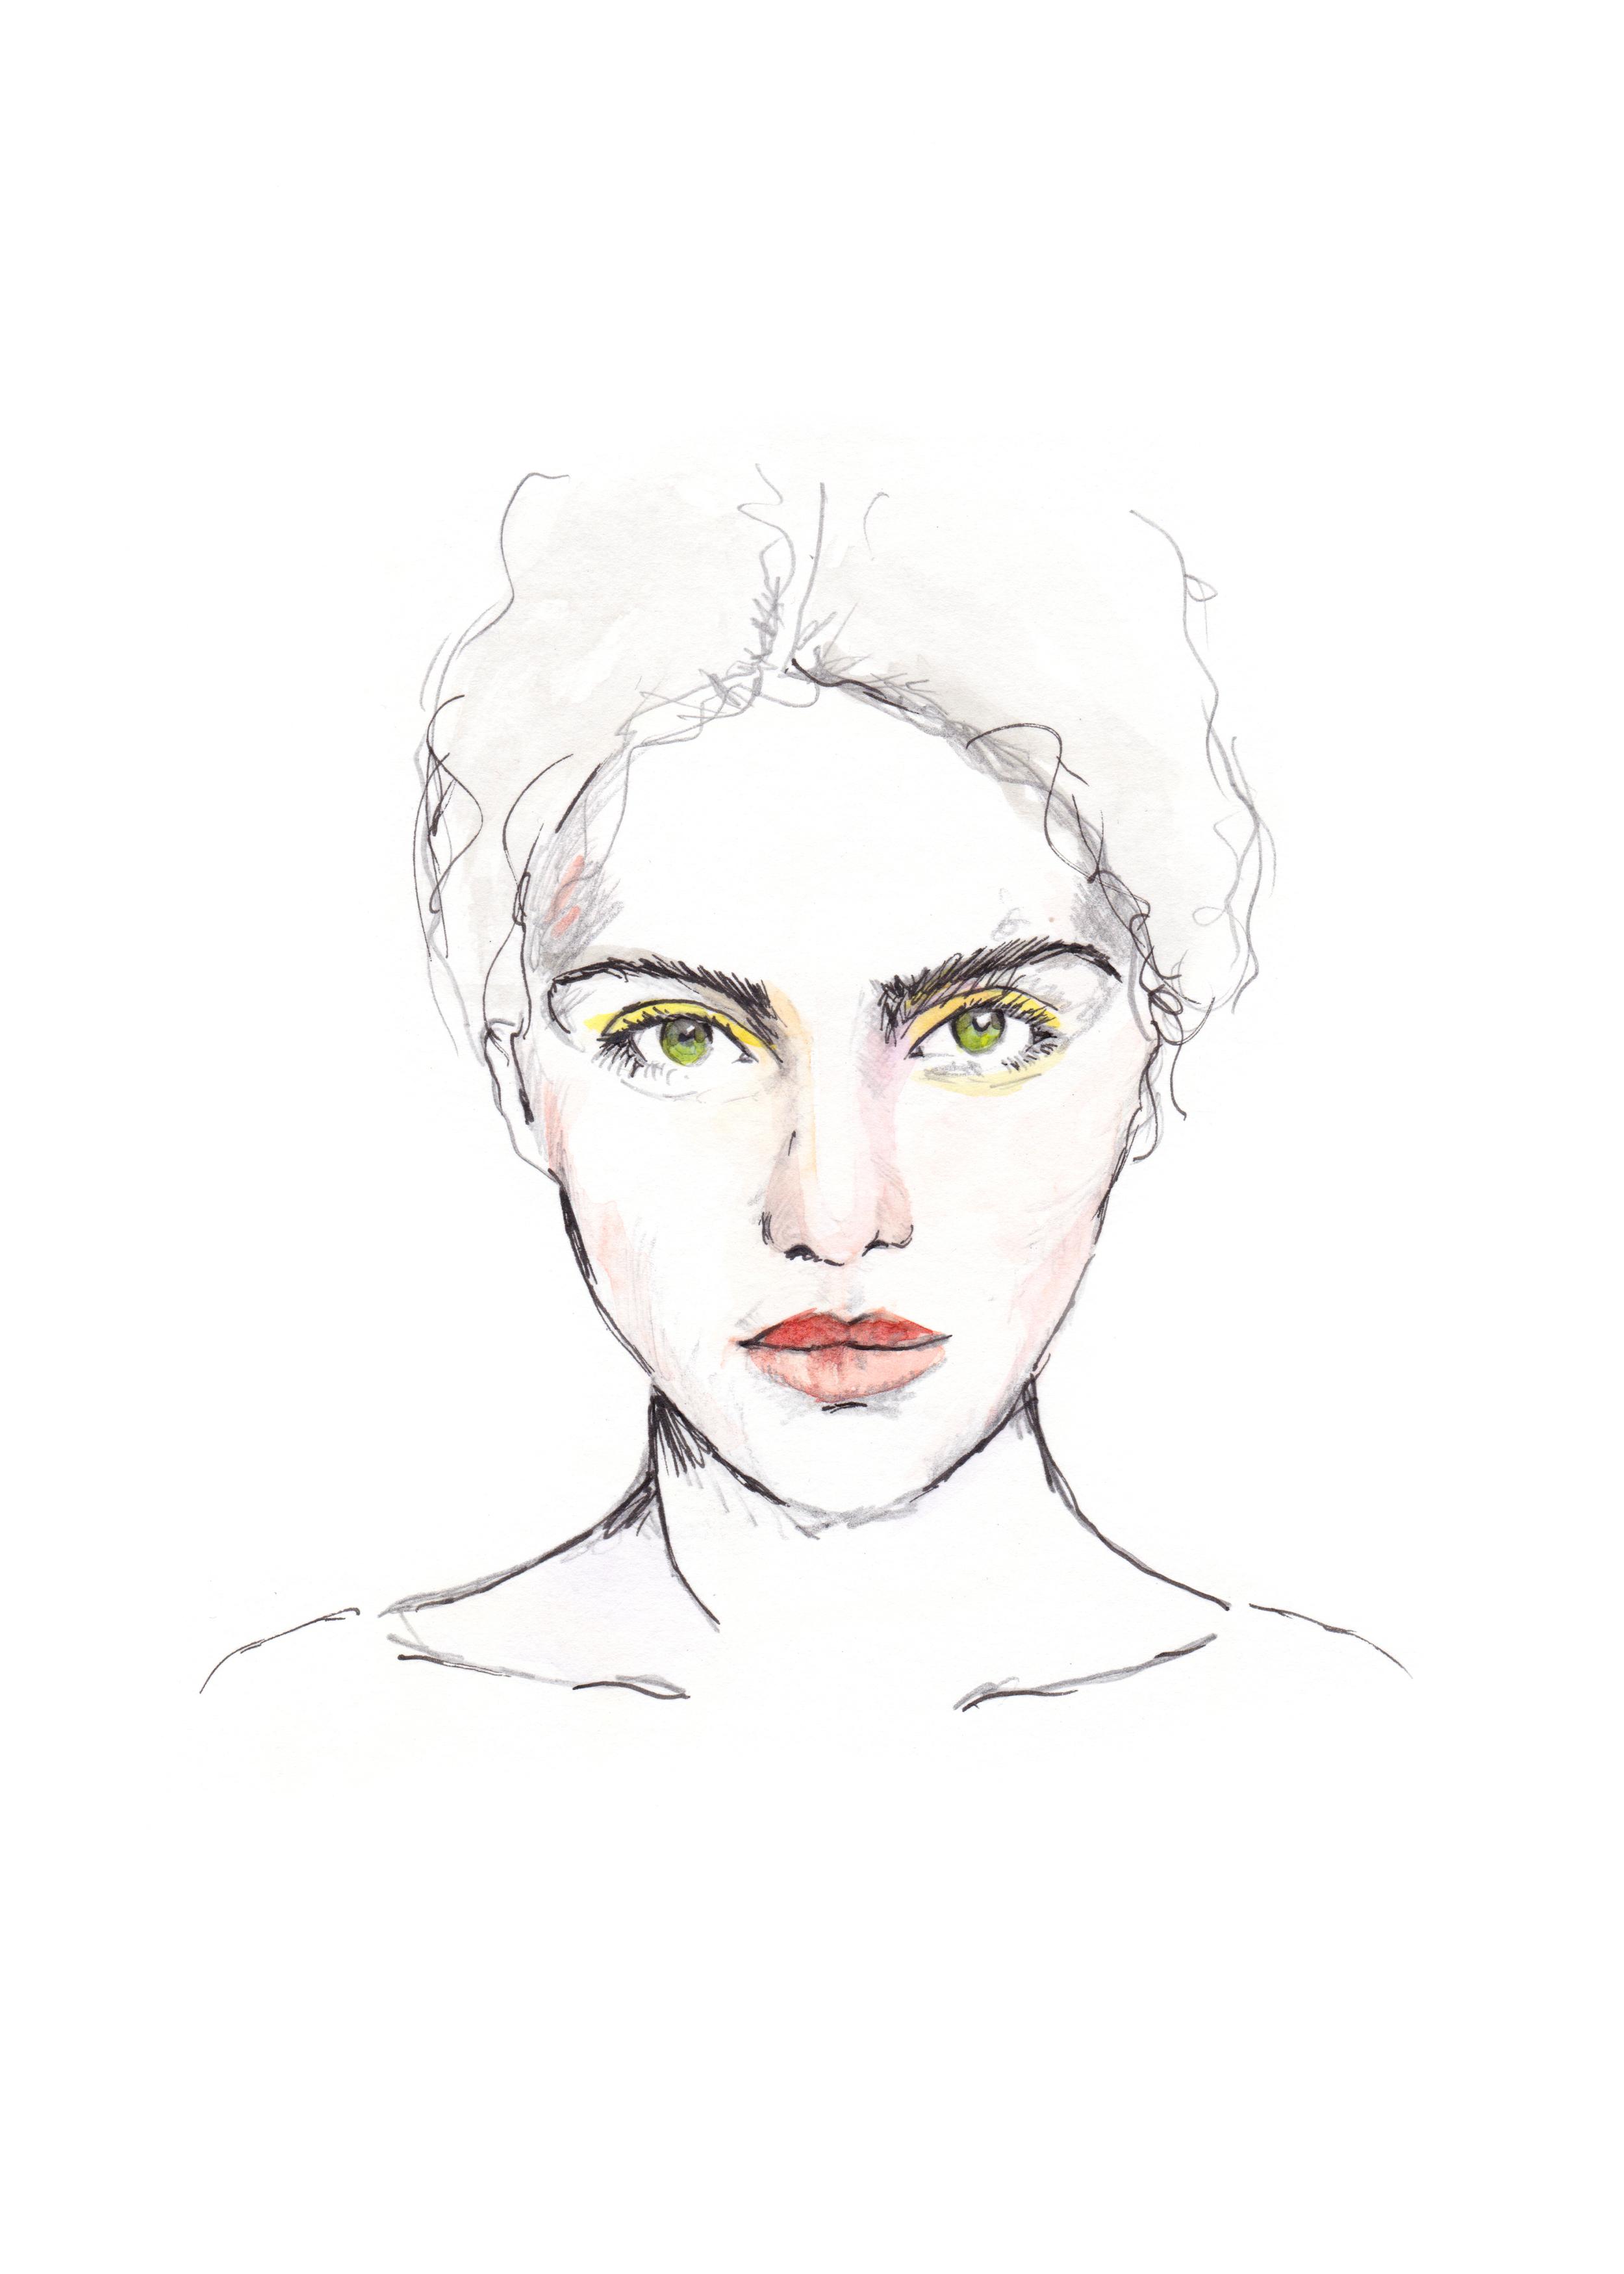 Olive+Eyes+Portrait++_+Maryam+Gaber.jpg